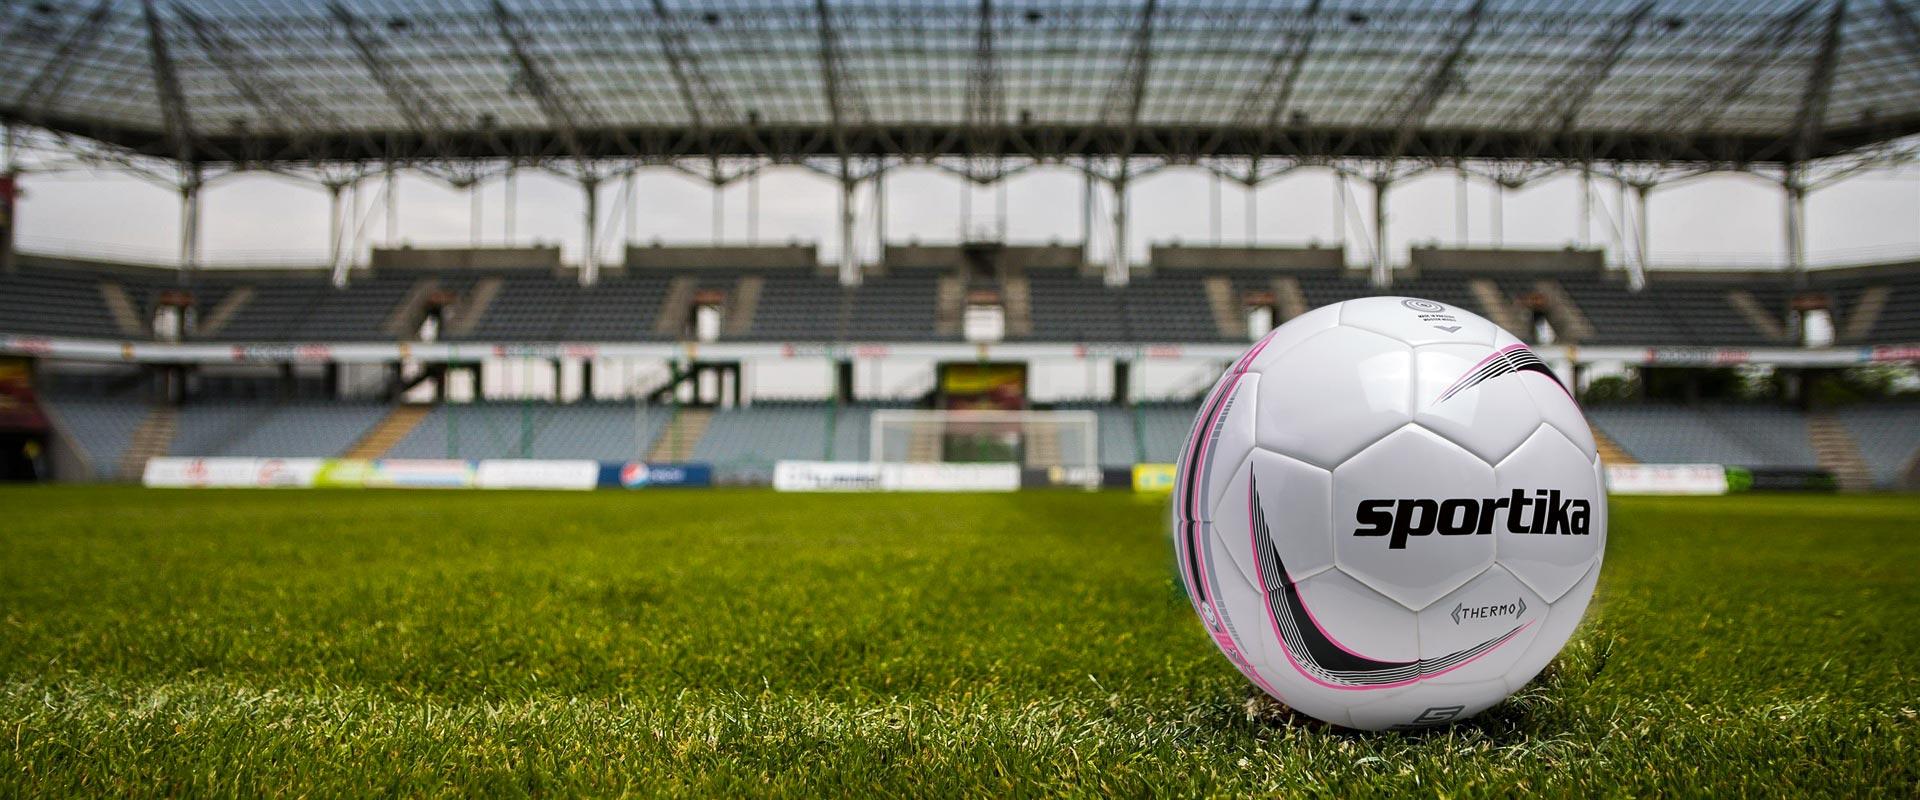 Forniture personalizzate per il calcio